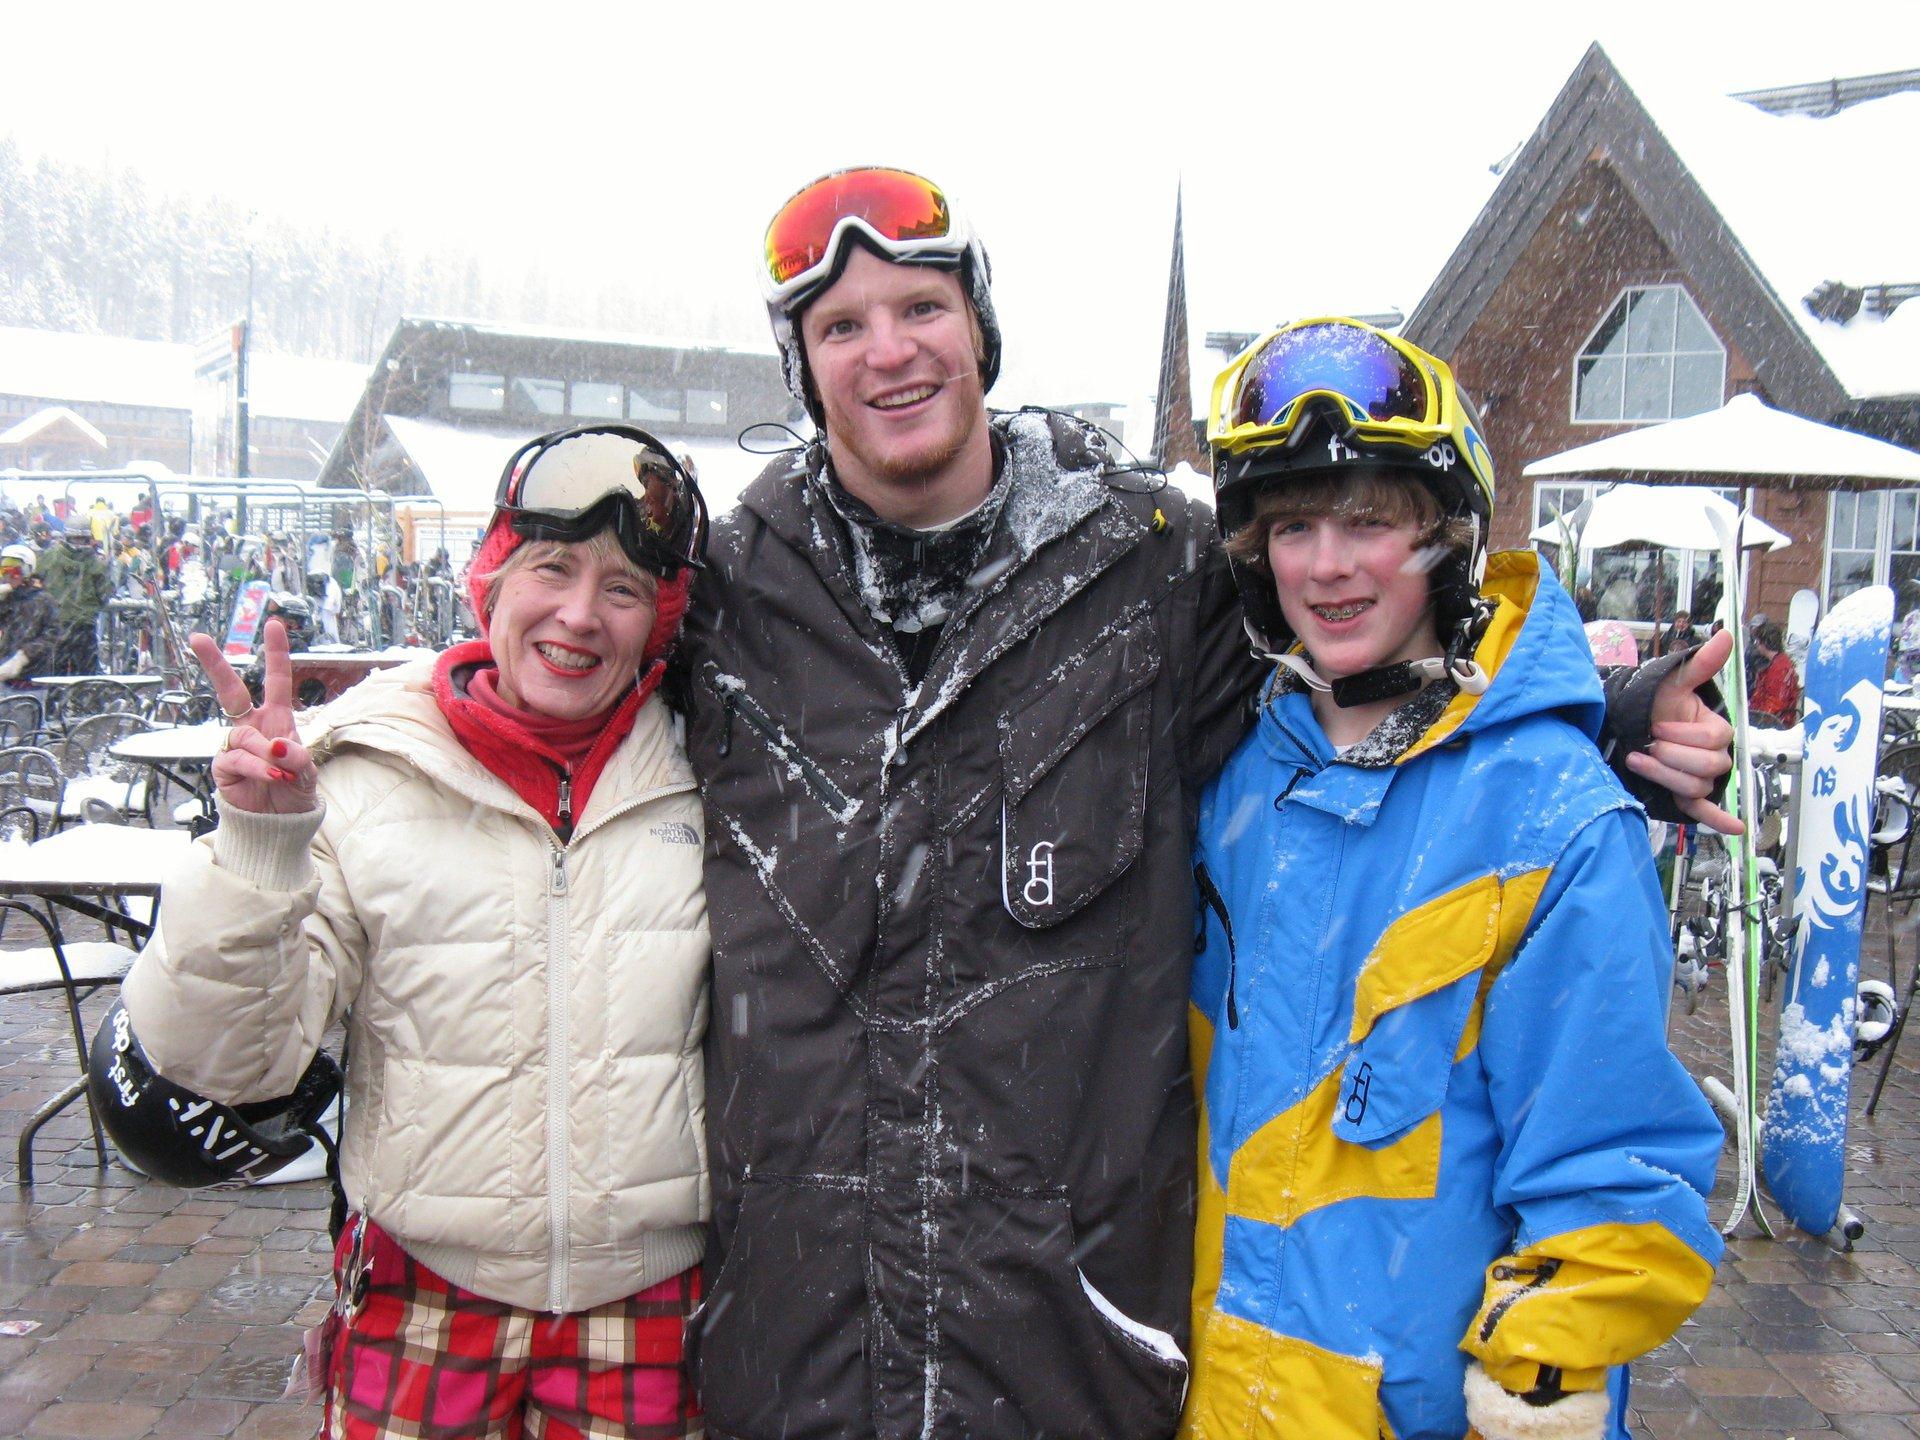 LJ Strenio at the Breck Dew